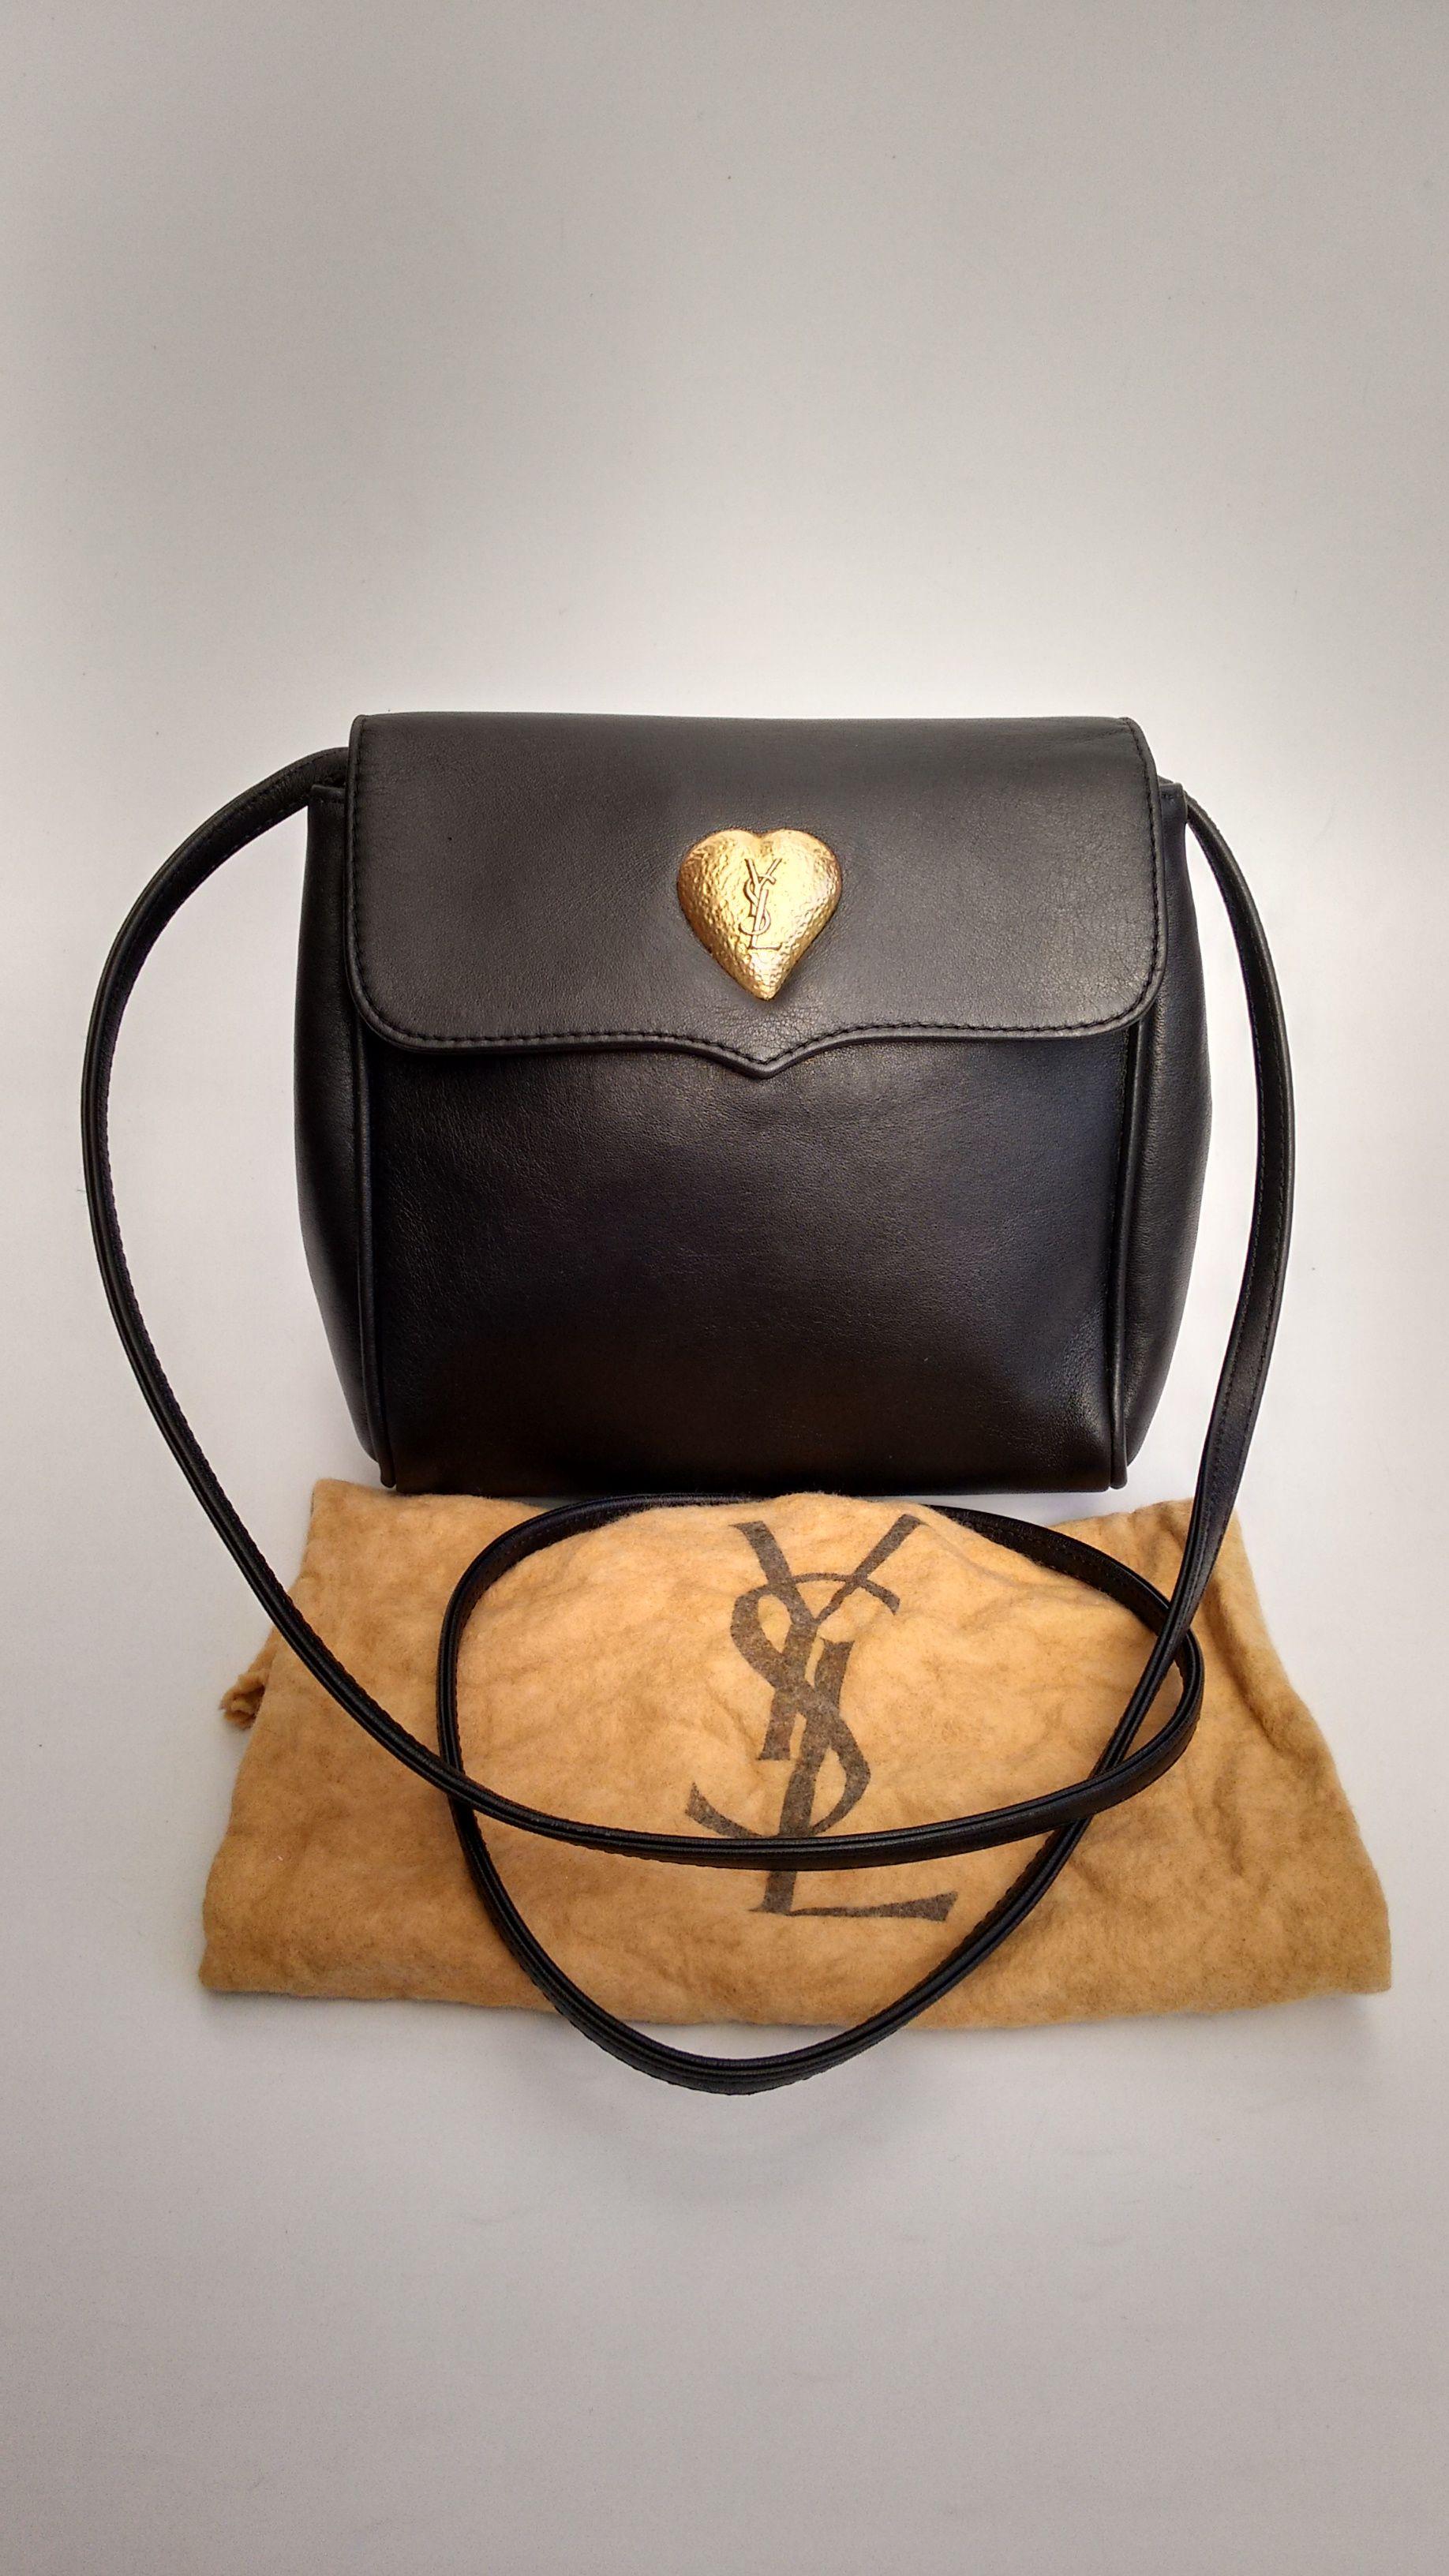 Ysl Bag Yves Saint Laurent Vintage Black Leather Shoulder Bag Ysl Bag Yves Saint Laurent Vintage Tote Bag Design